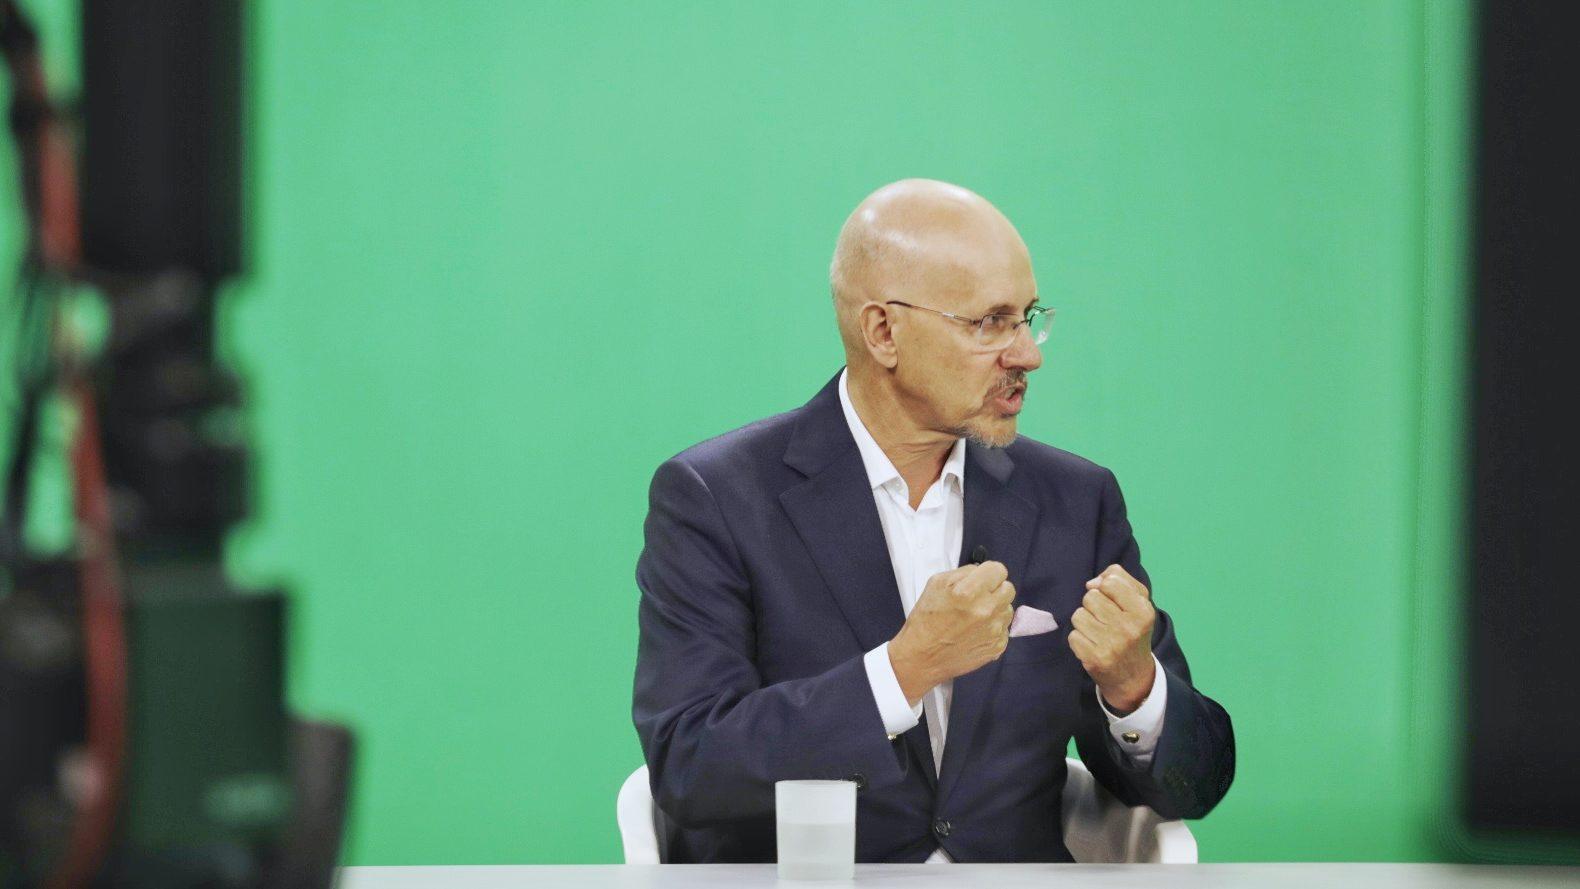 """Banca portuguesa aguenta uma nova crise? """"Depende da intensidade do abalo"""", diz Vítor Bento"""